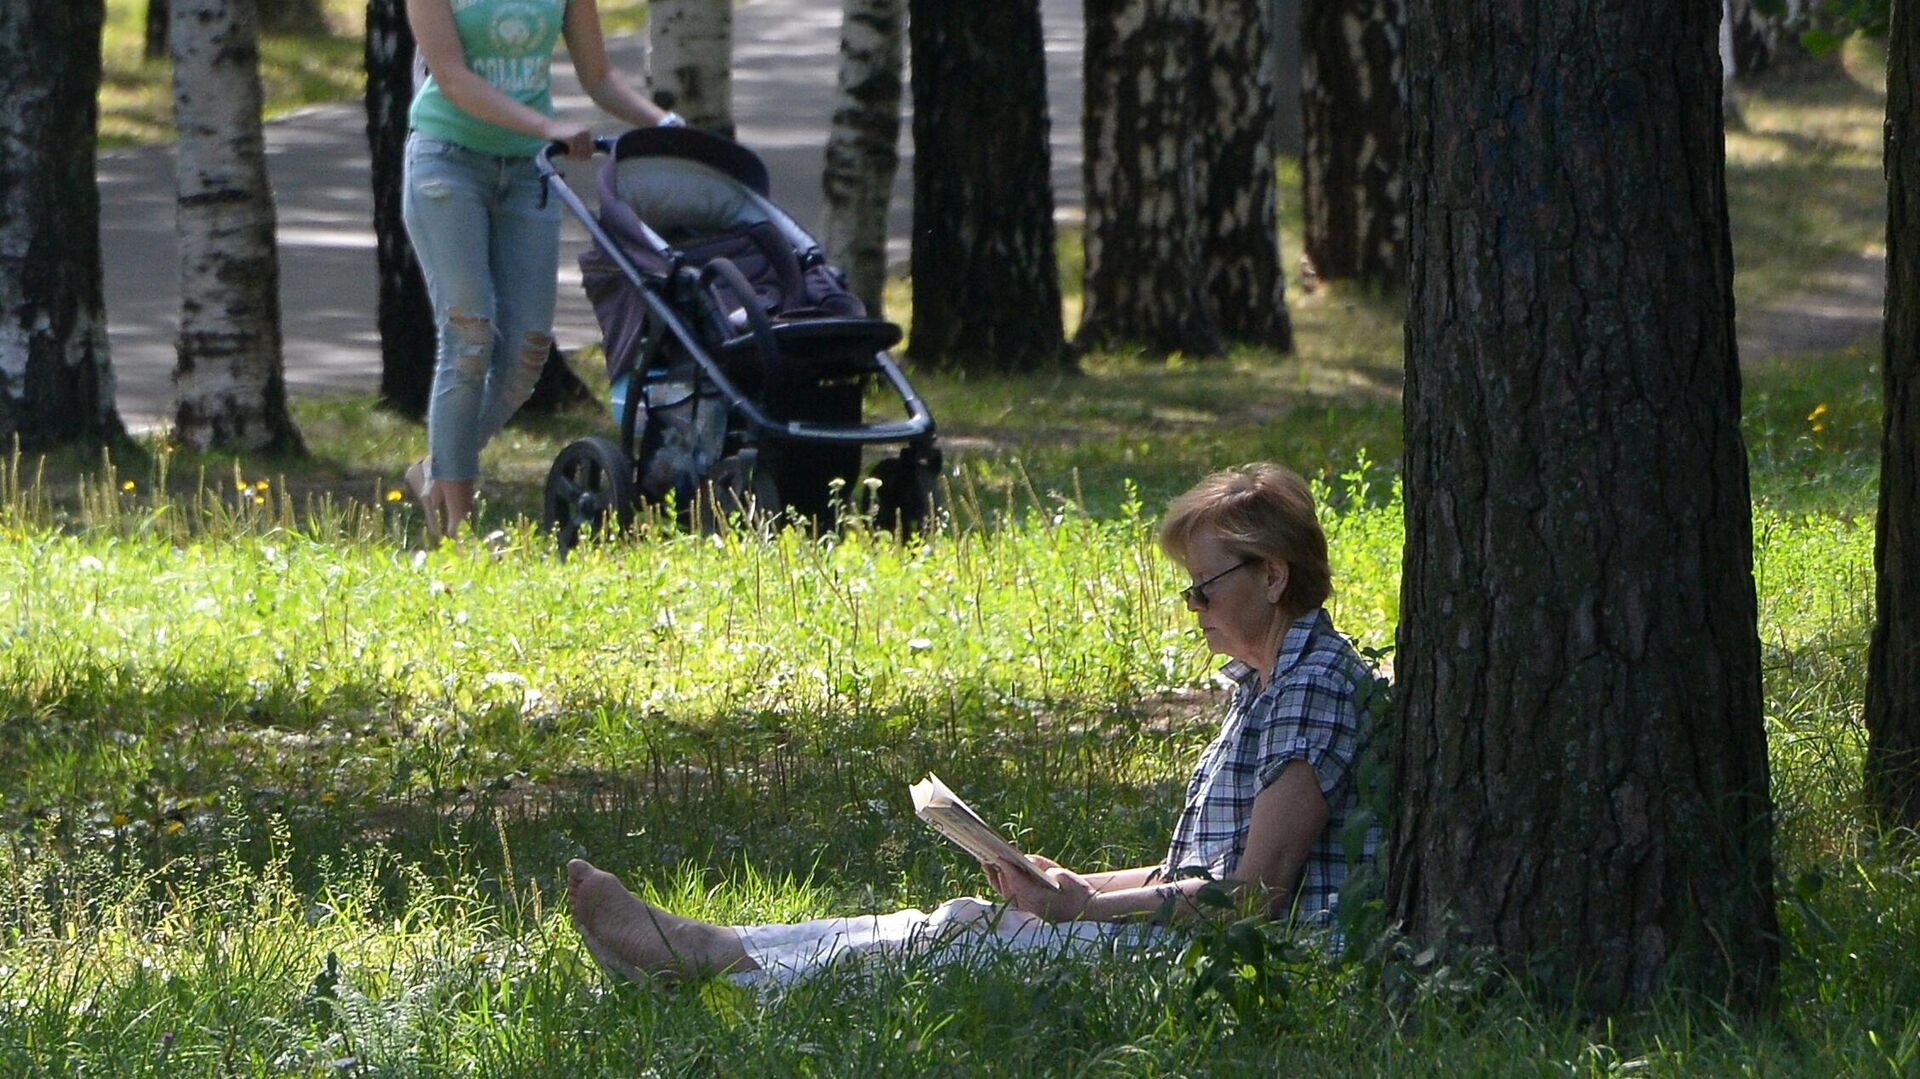 Горожане отдыхают в Парке 50-летия Октября - РИА Новости, 1920, 22.06.2020